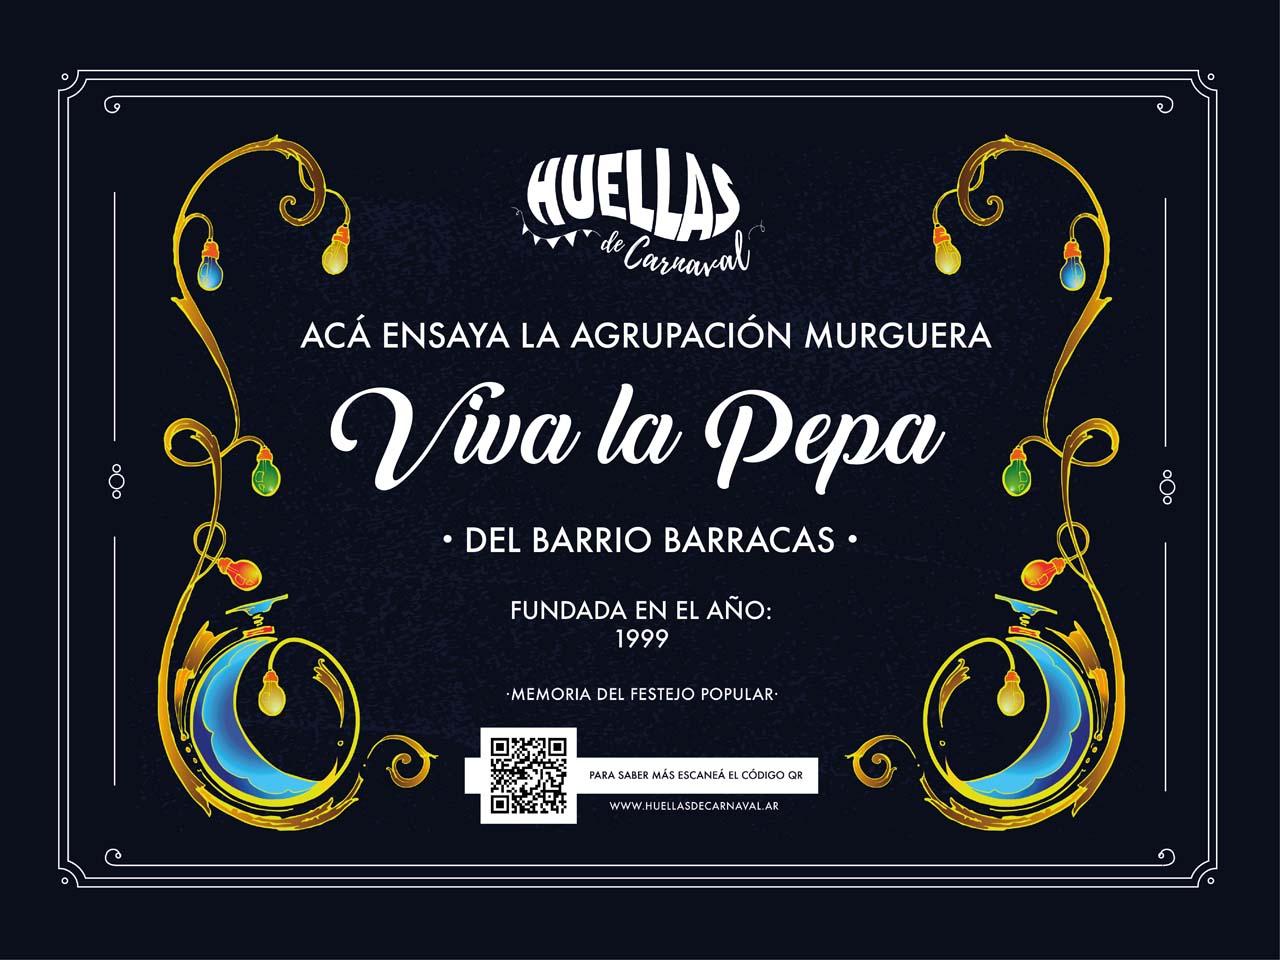 Murga Viva la Pepa